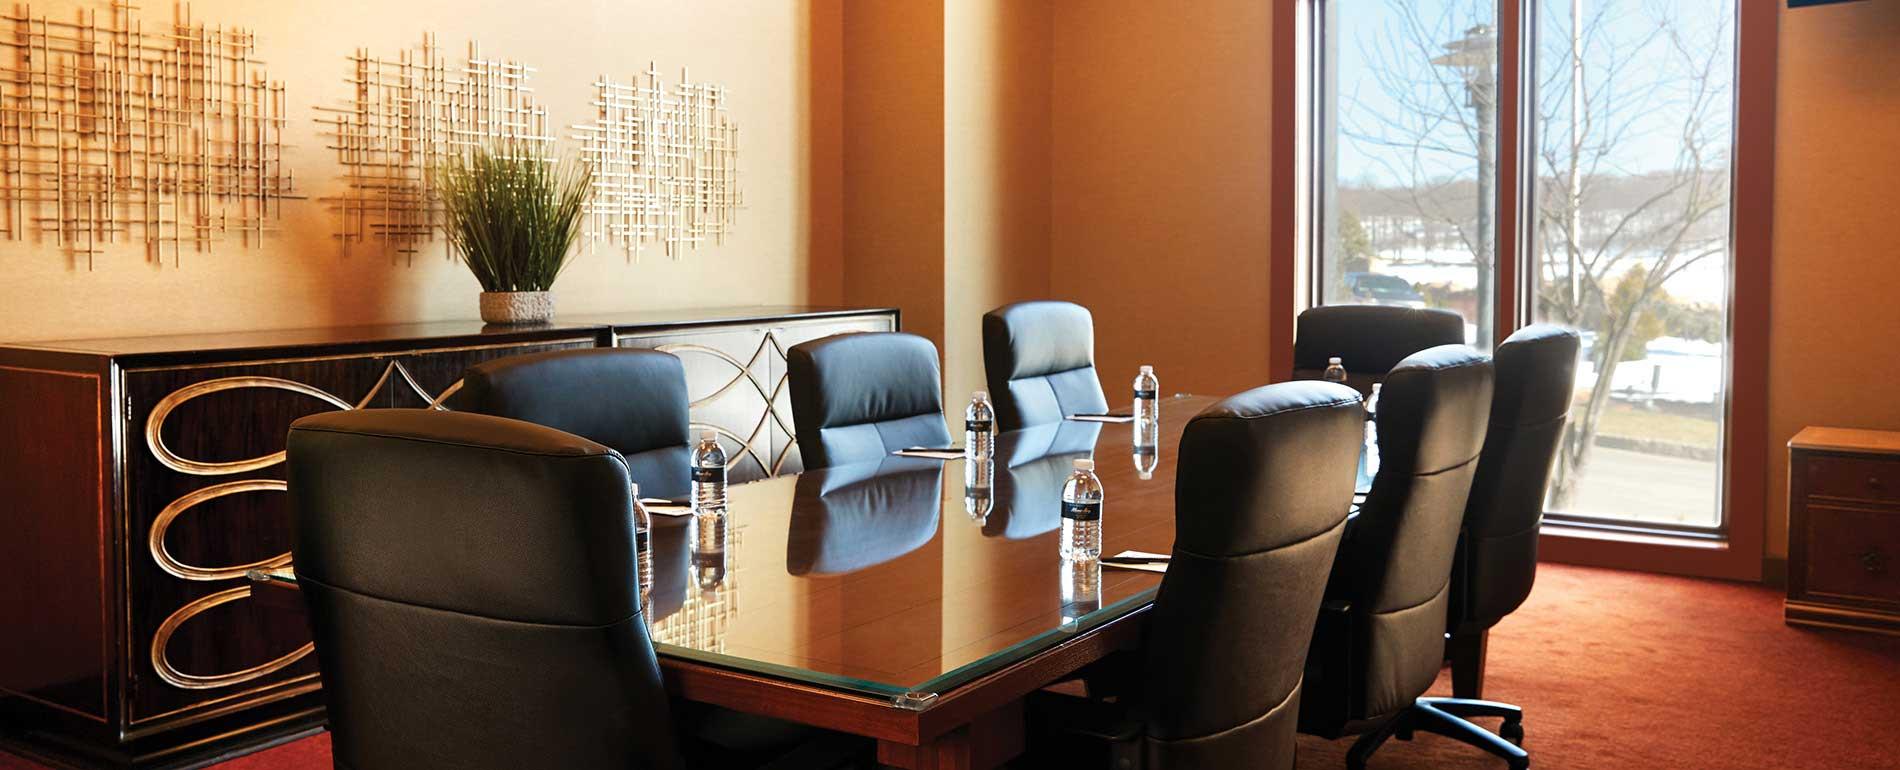 Poconos Conference Room